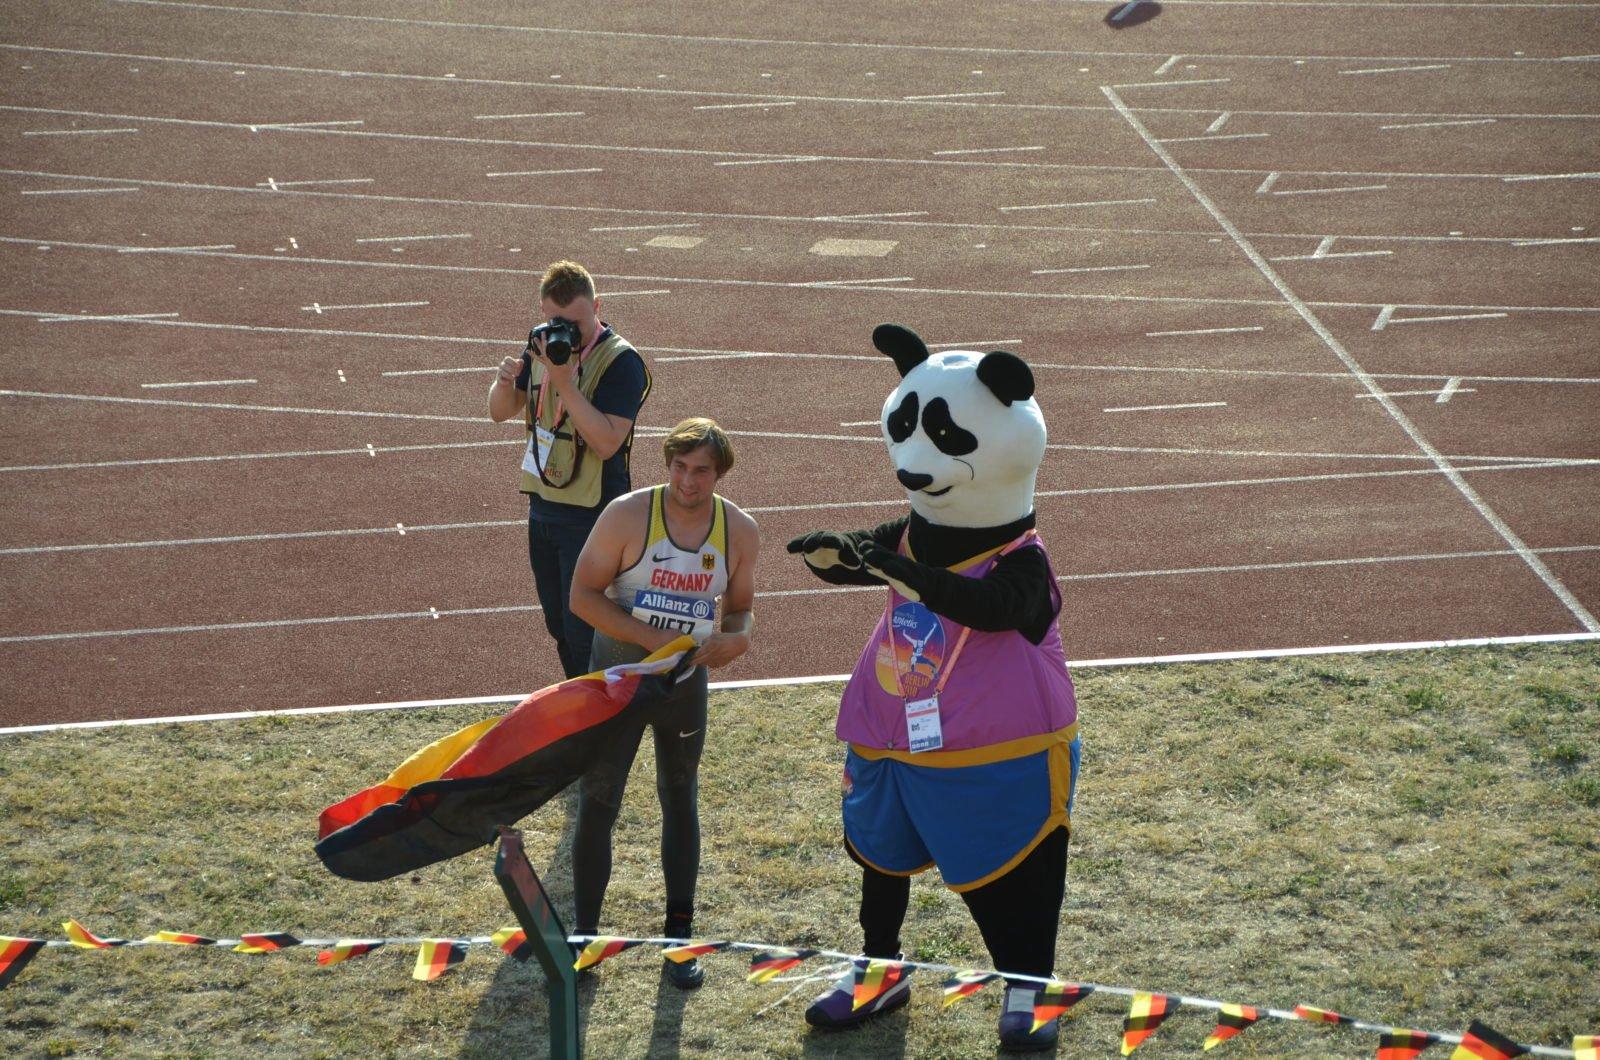 Sebastian Dietz feiert bei der Para Leichtathletik EM 2018 seinen ersten Europameister-Titel.